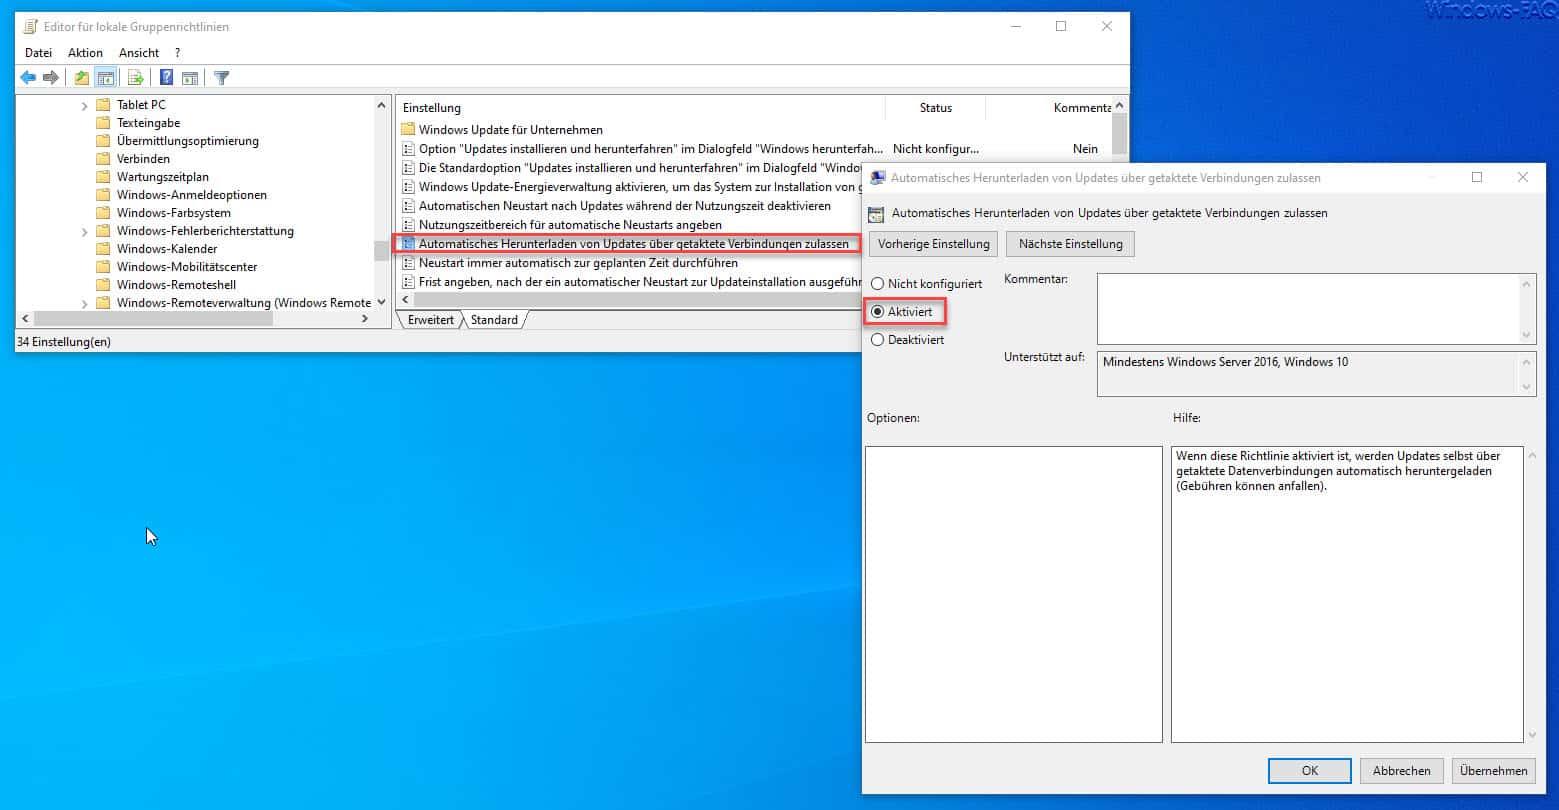 Automatisches Herunterladen von Updates über getaktete Verbindungen zulassen